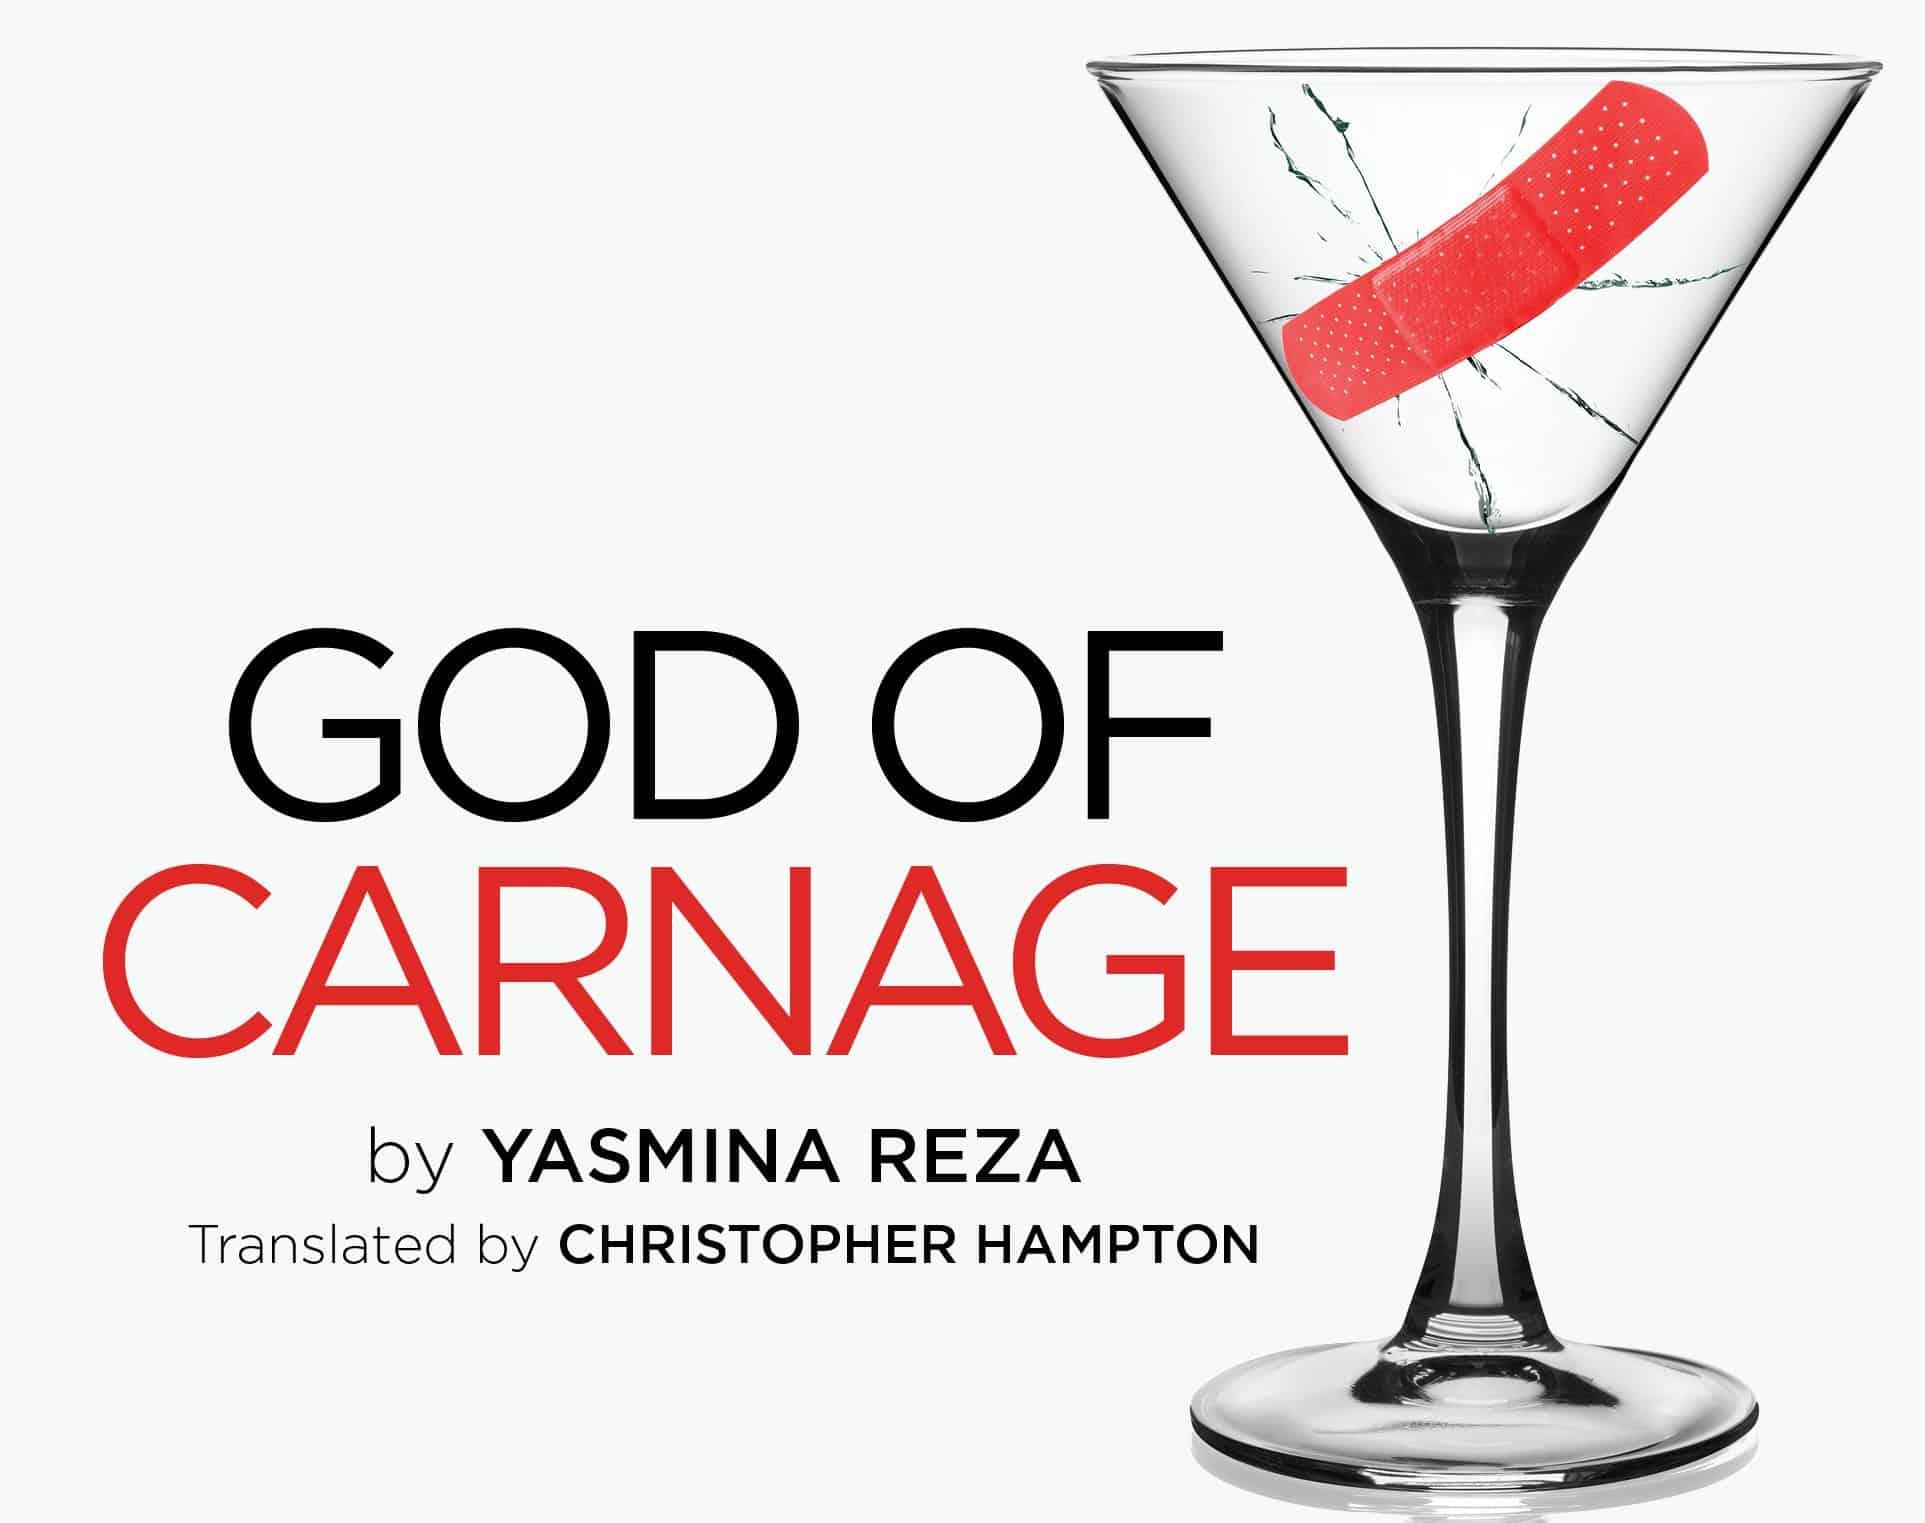 God of Carnage byYasmina Reza – play